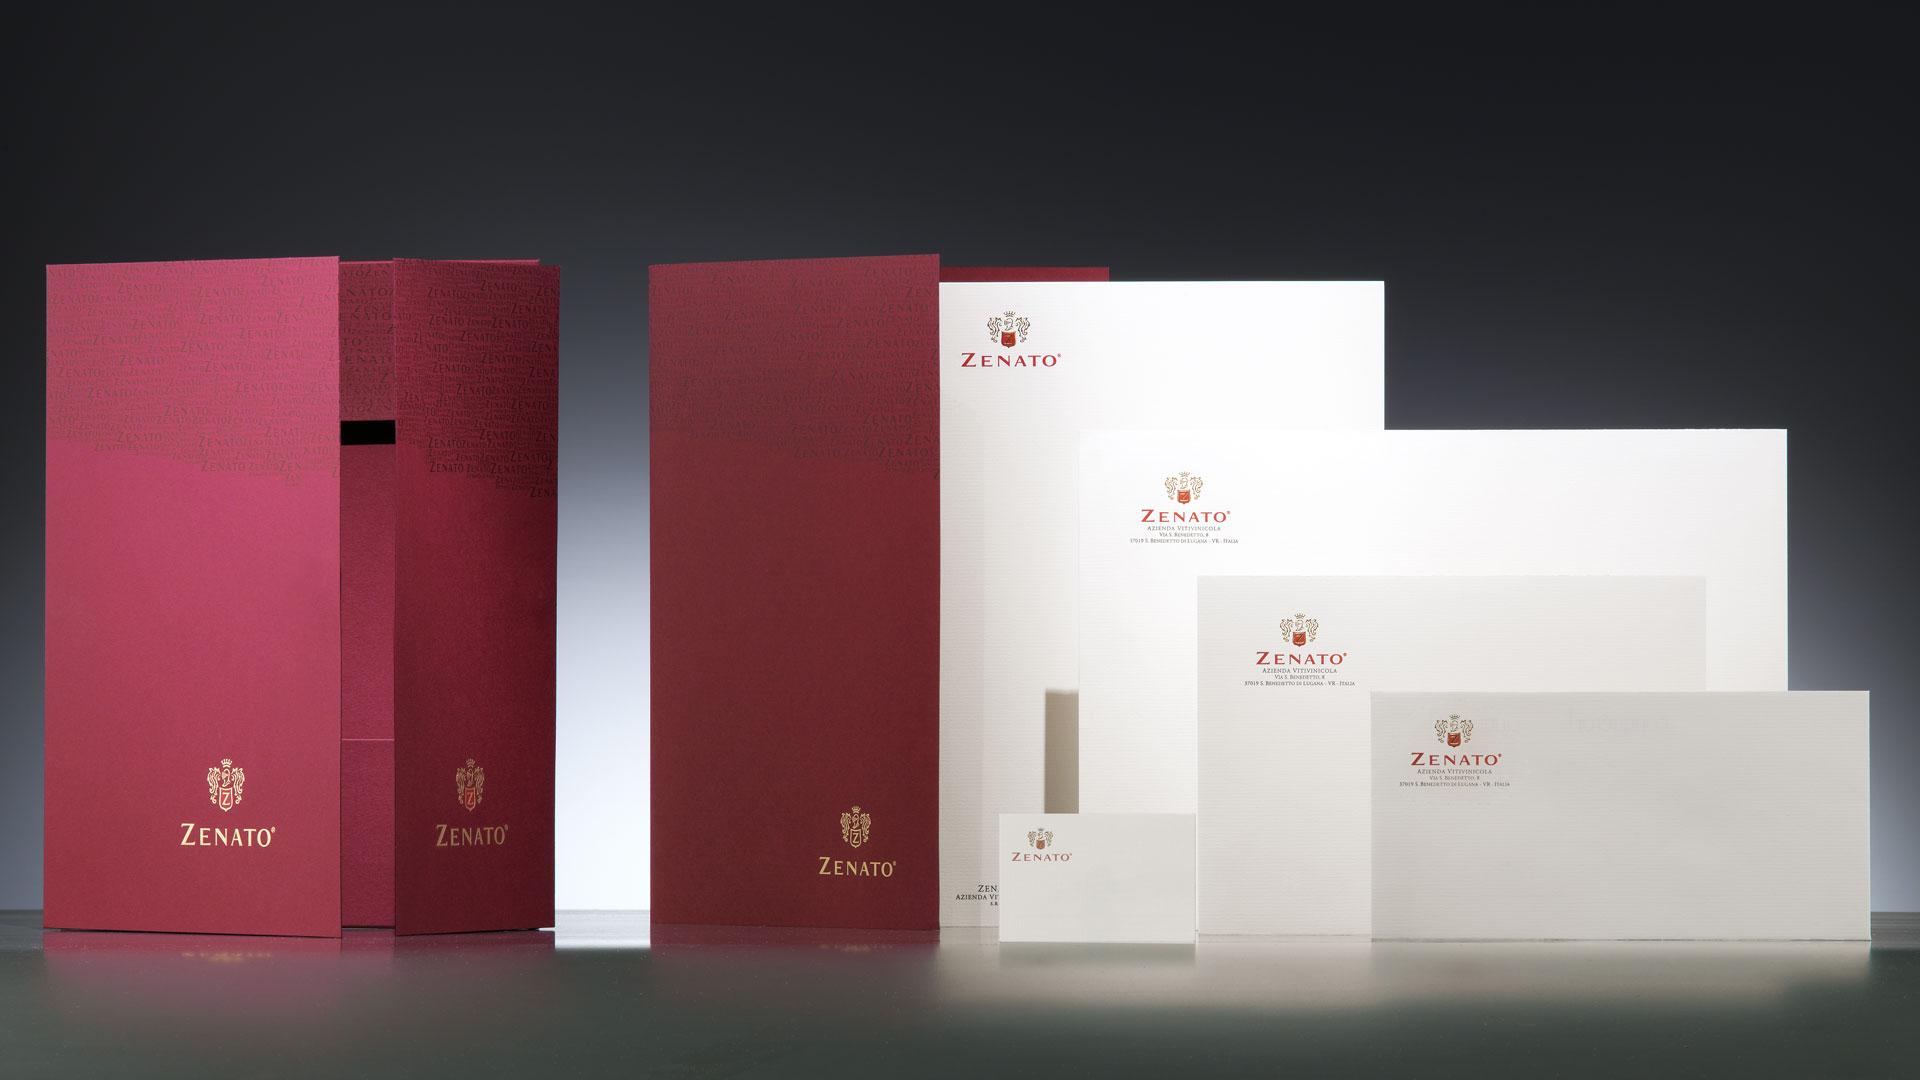 Zenato coordinati branding